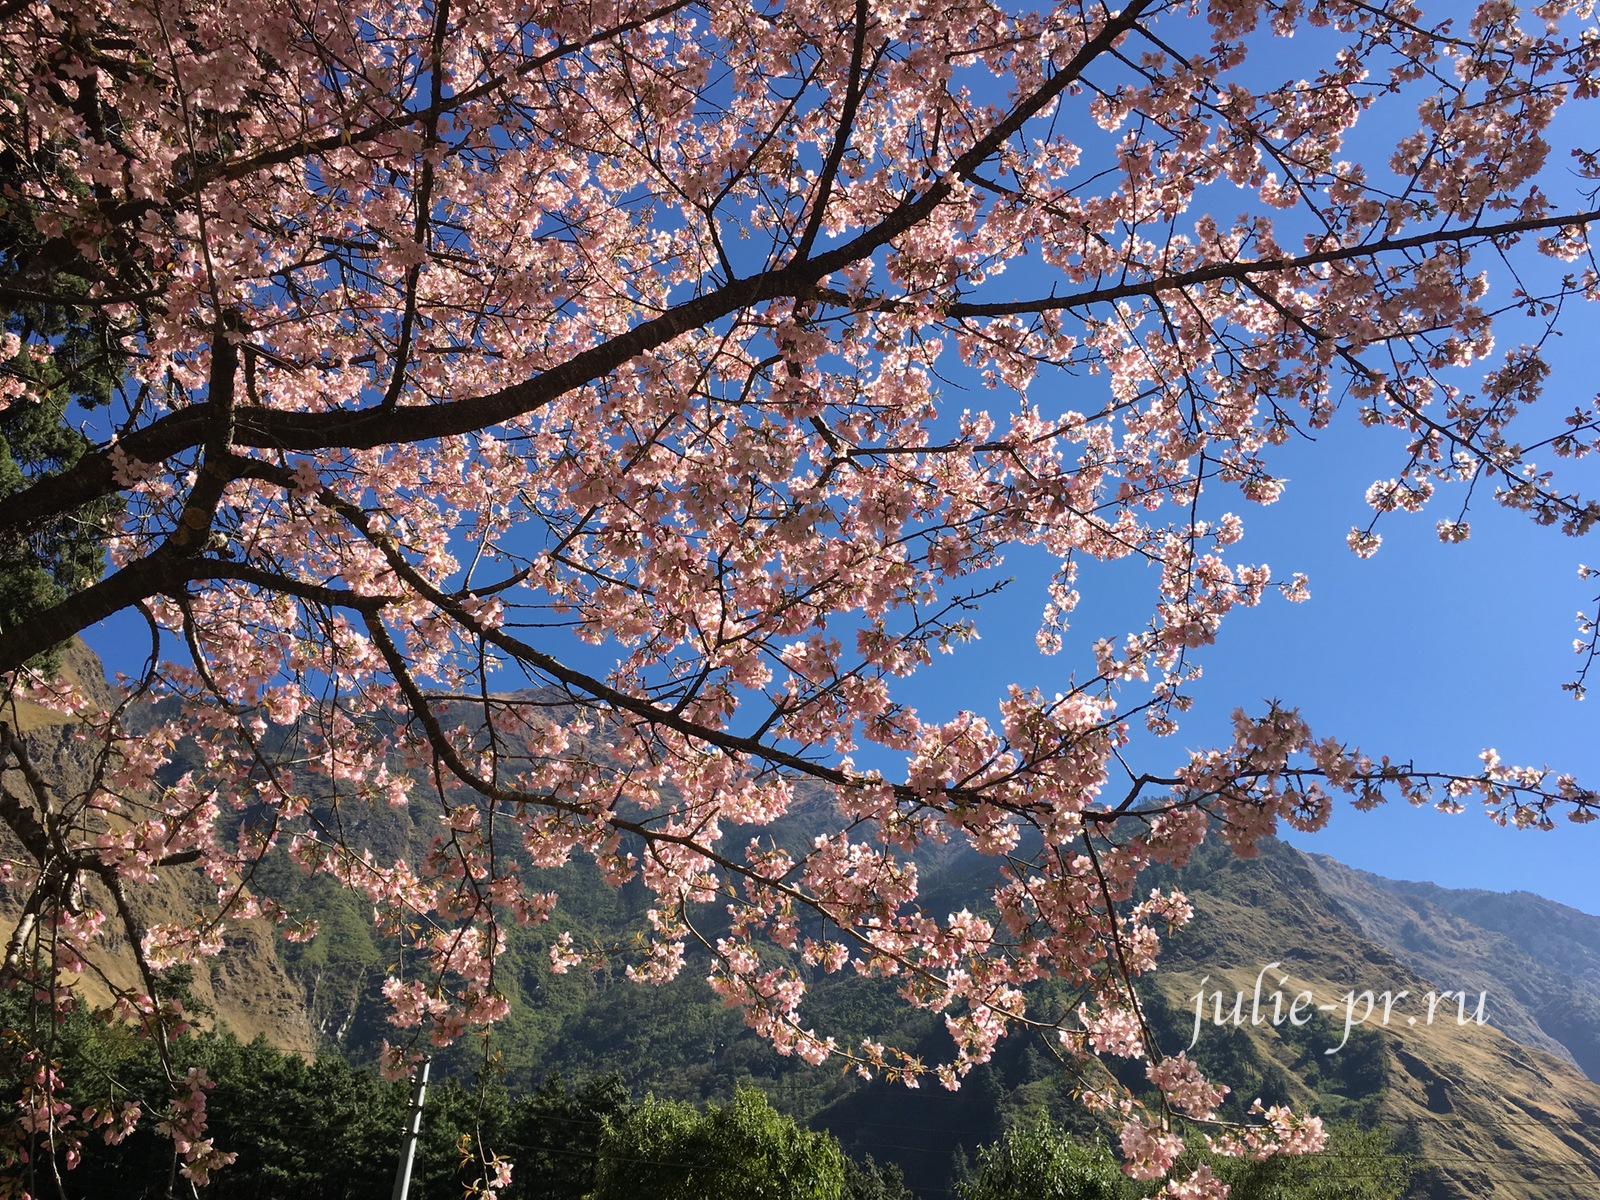 Непал, Трек вокруг Аннапурны, цветущее розовое дерево